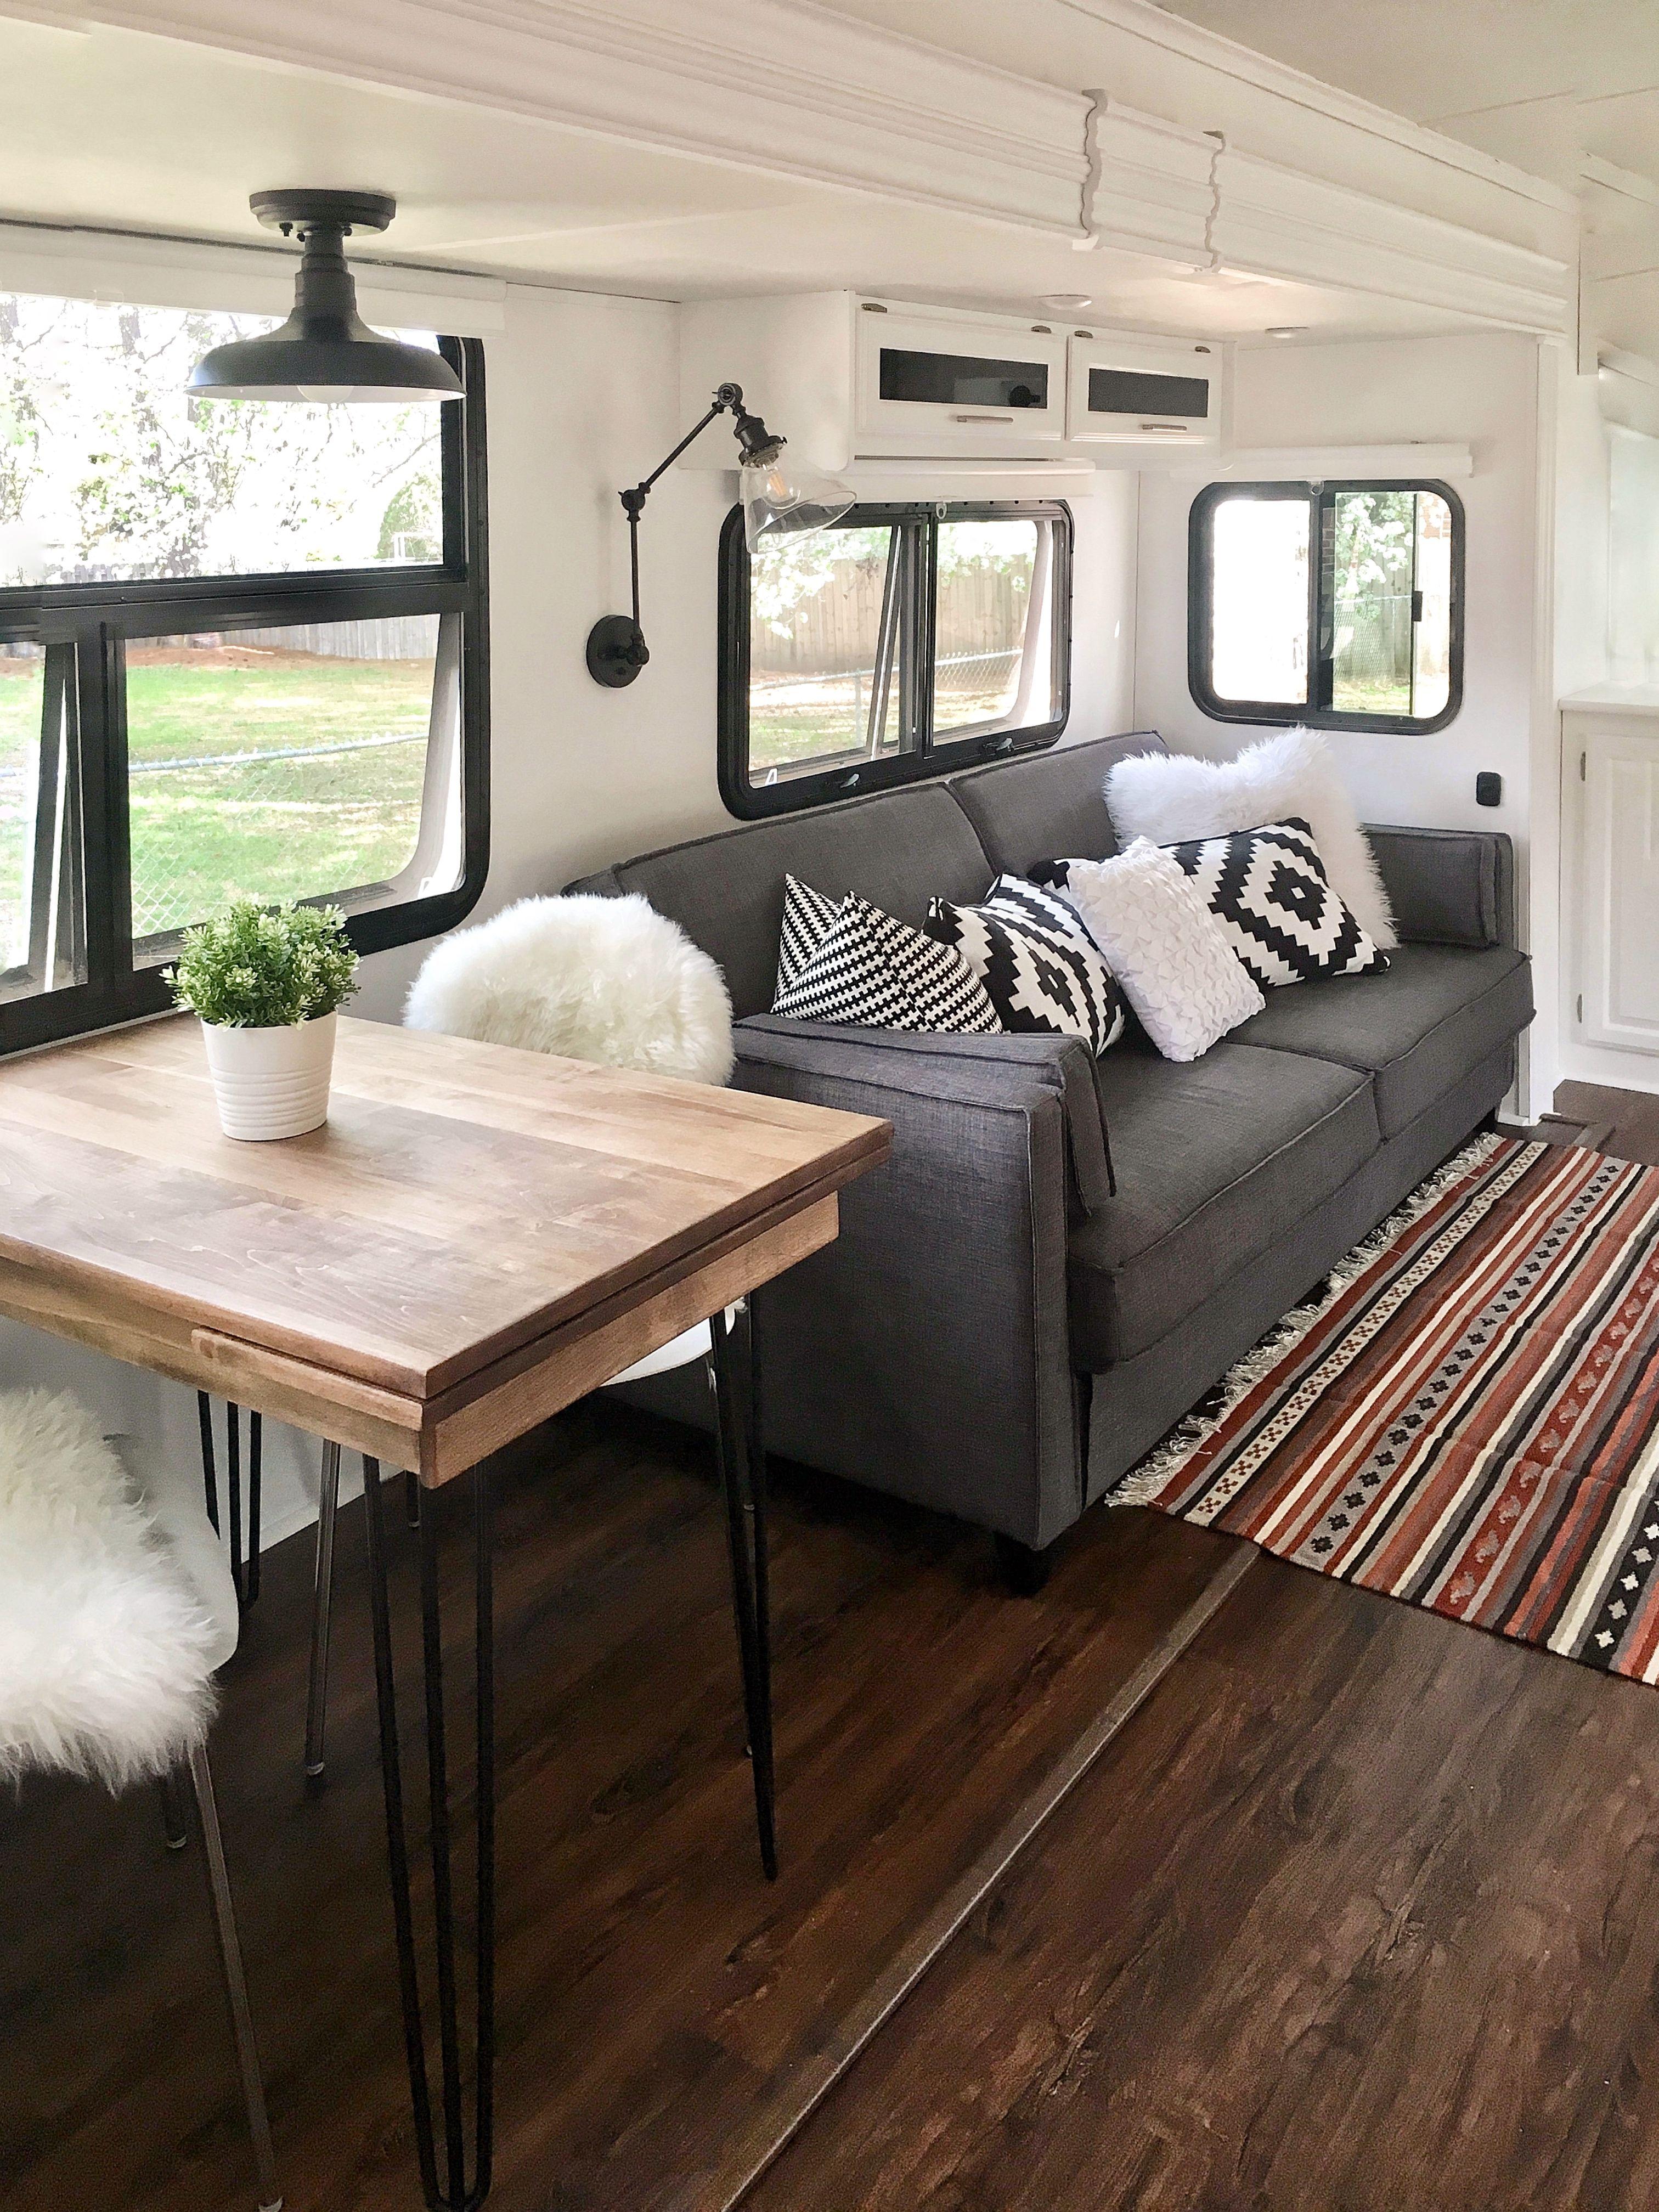 Rv Kitchen Remodel Mrs Elliluu On Instagram Remodeled Campers Camper Trailer Remodel Rv Interior